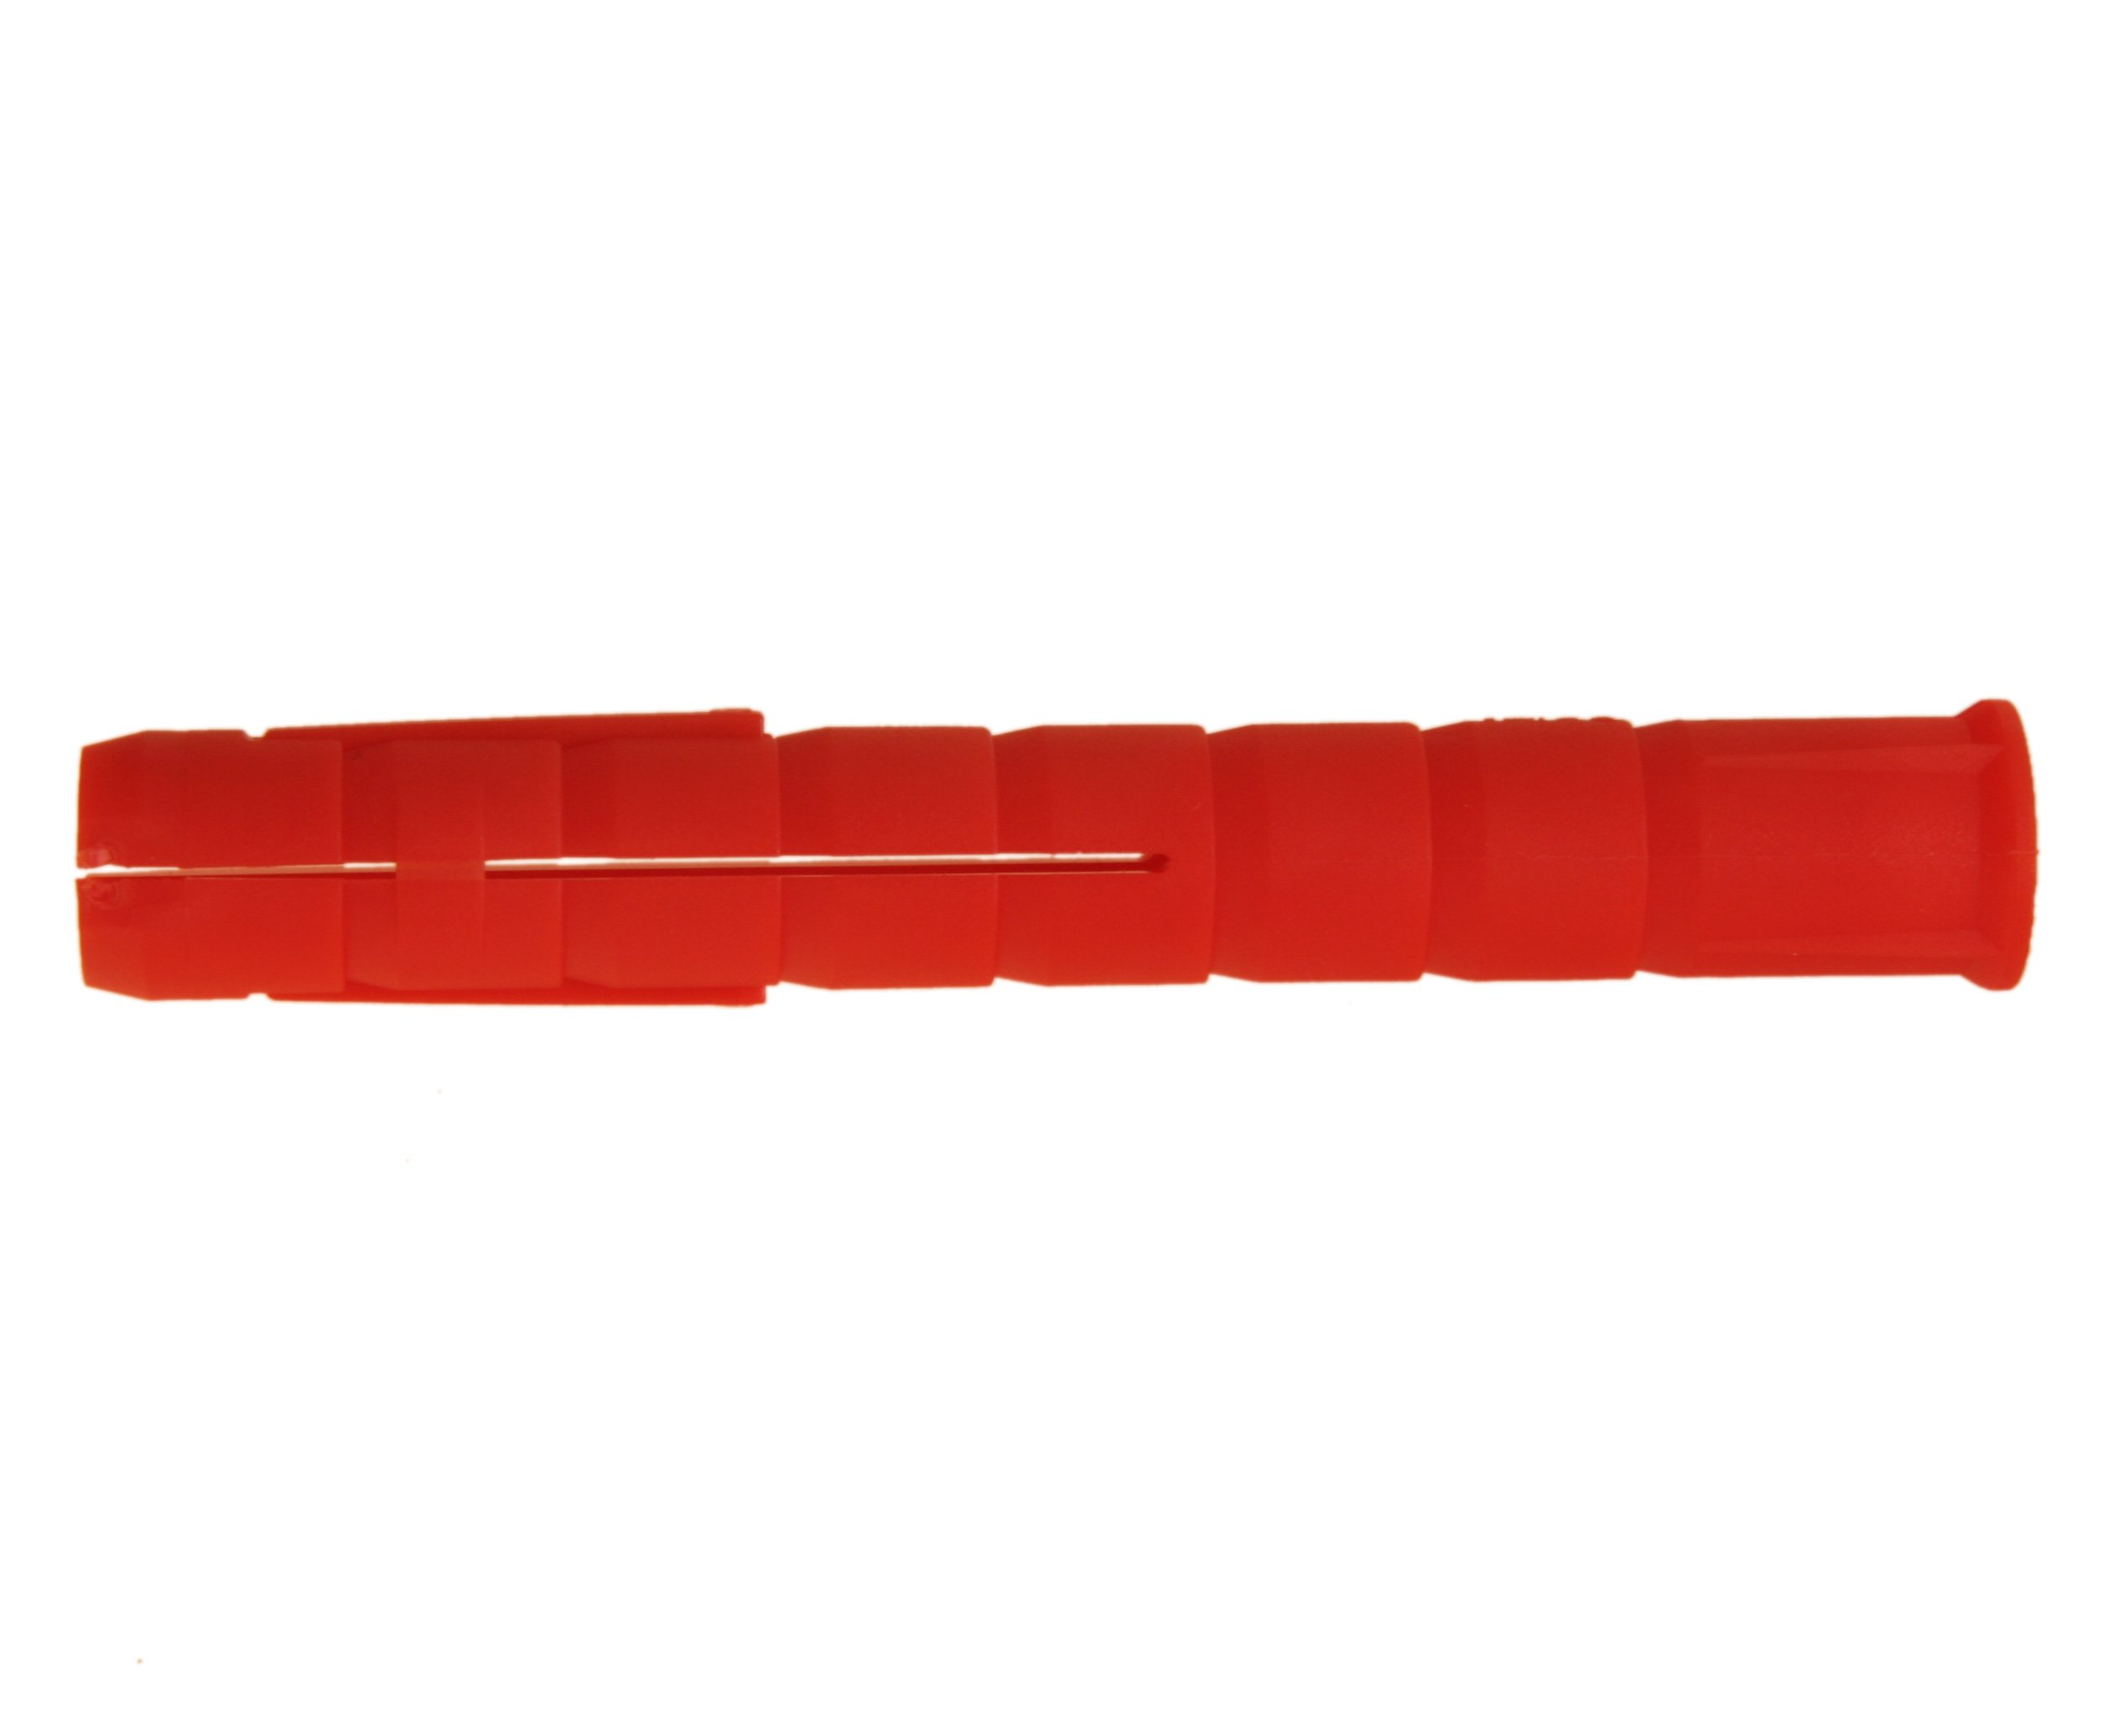 Hmoždinka pro děrované zdivo TOX PSD - 10x90